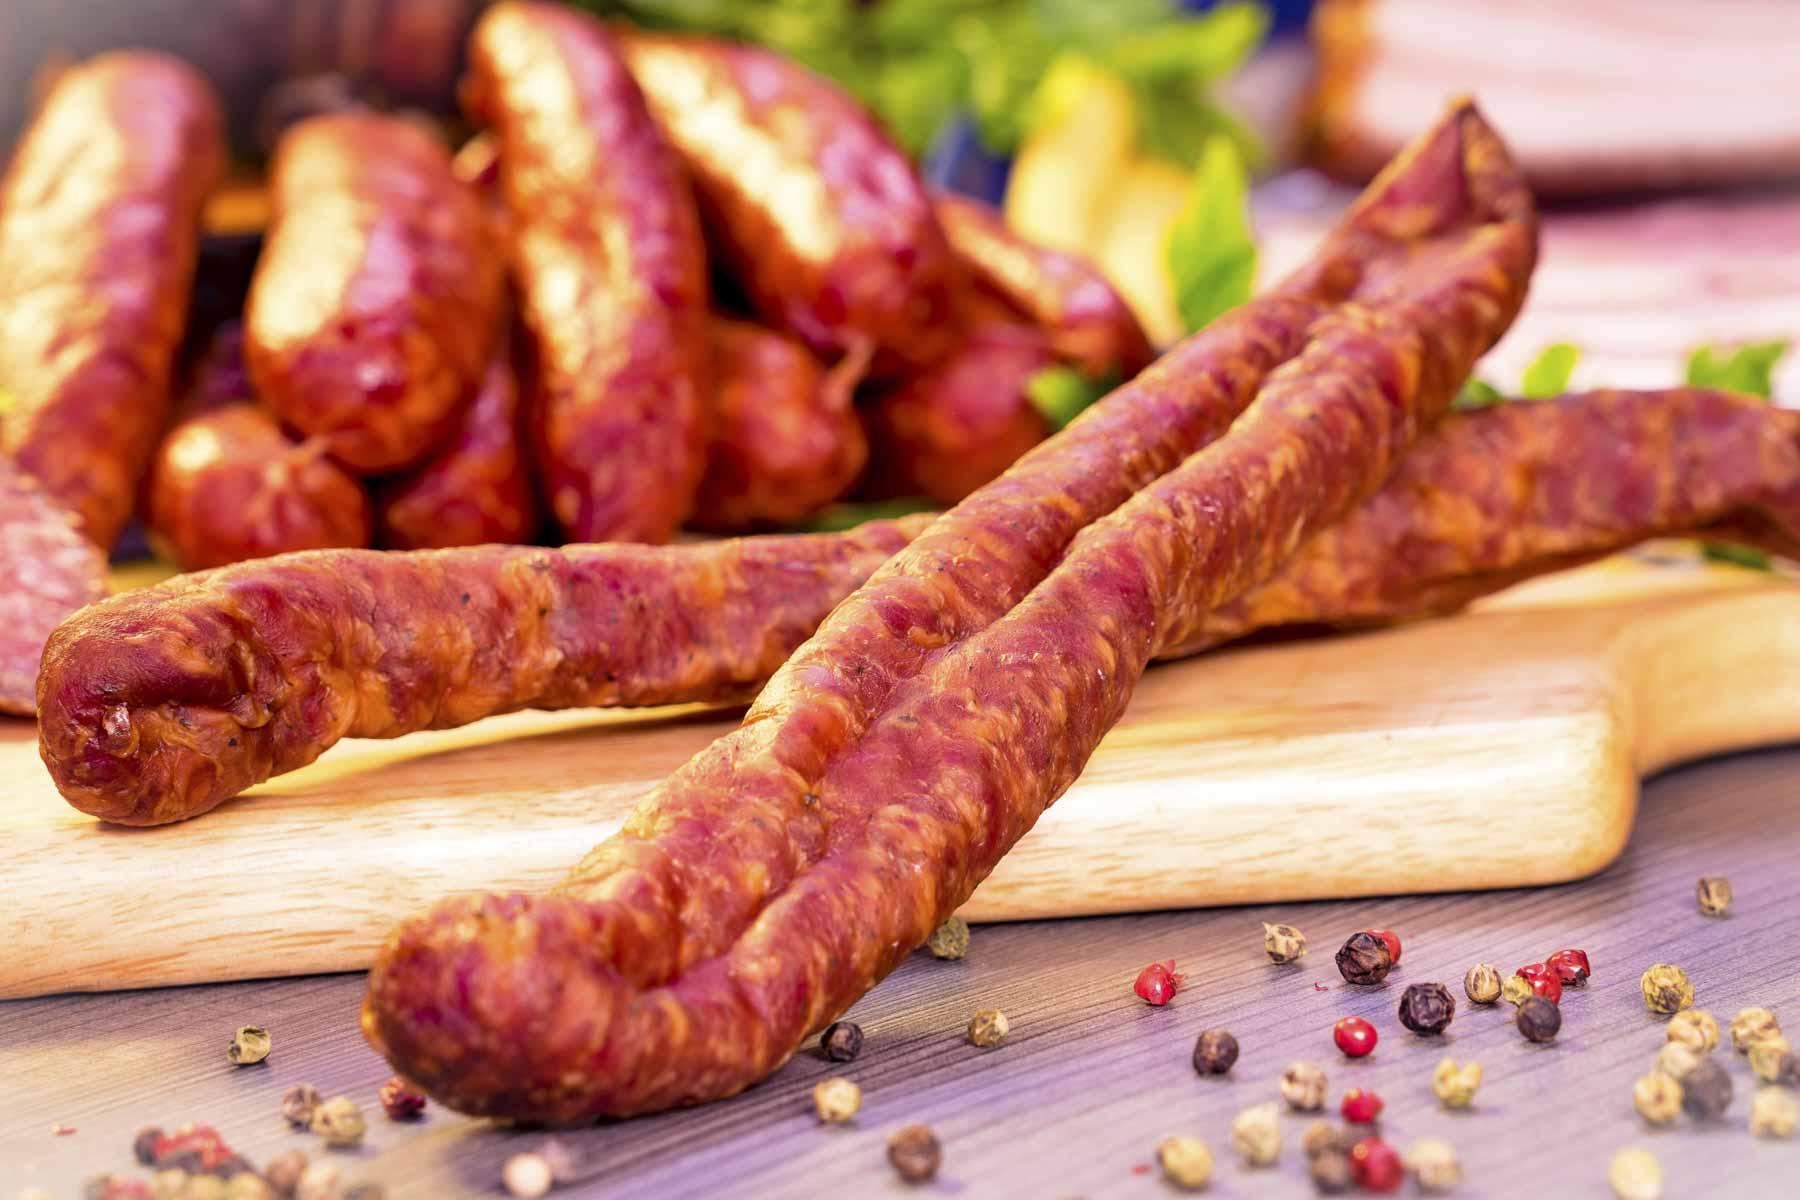 Foodfotograf, Produktfotografie, Werbefotografie Hessen, Nordpolfilm-Medien https://nordpolfilm-medien.de/